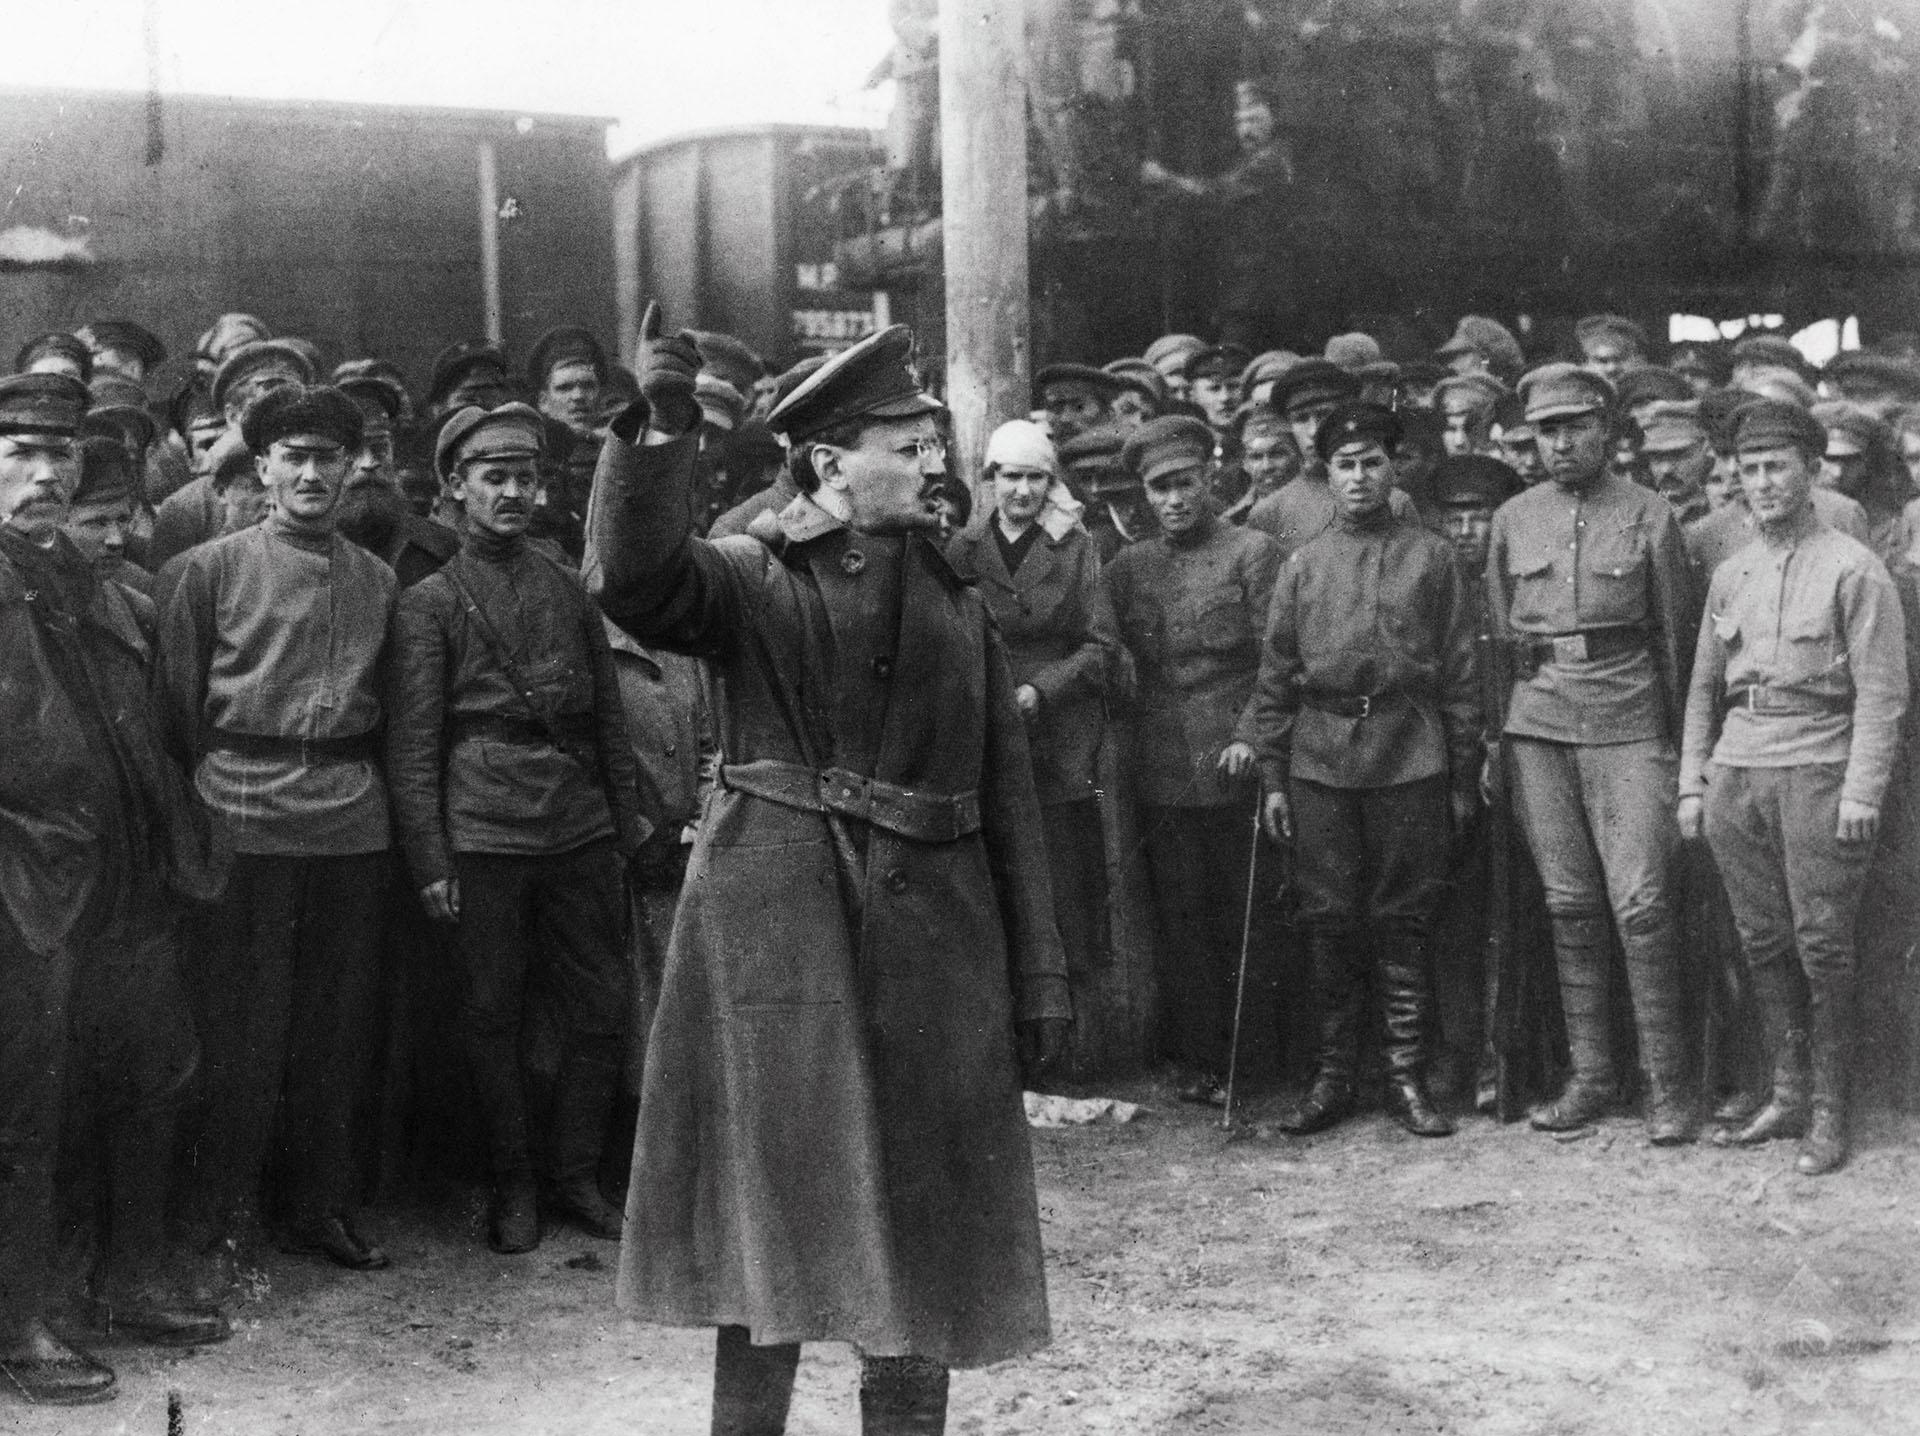 Leon Trotsky arenga a los soldados durante la revolución bolchevique